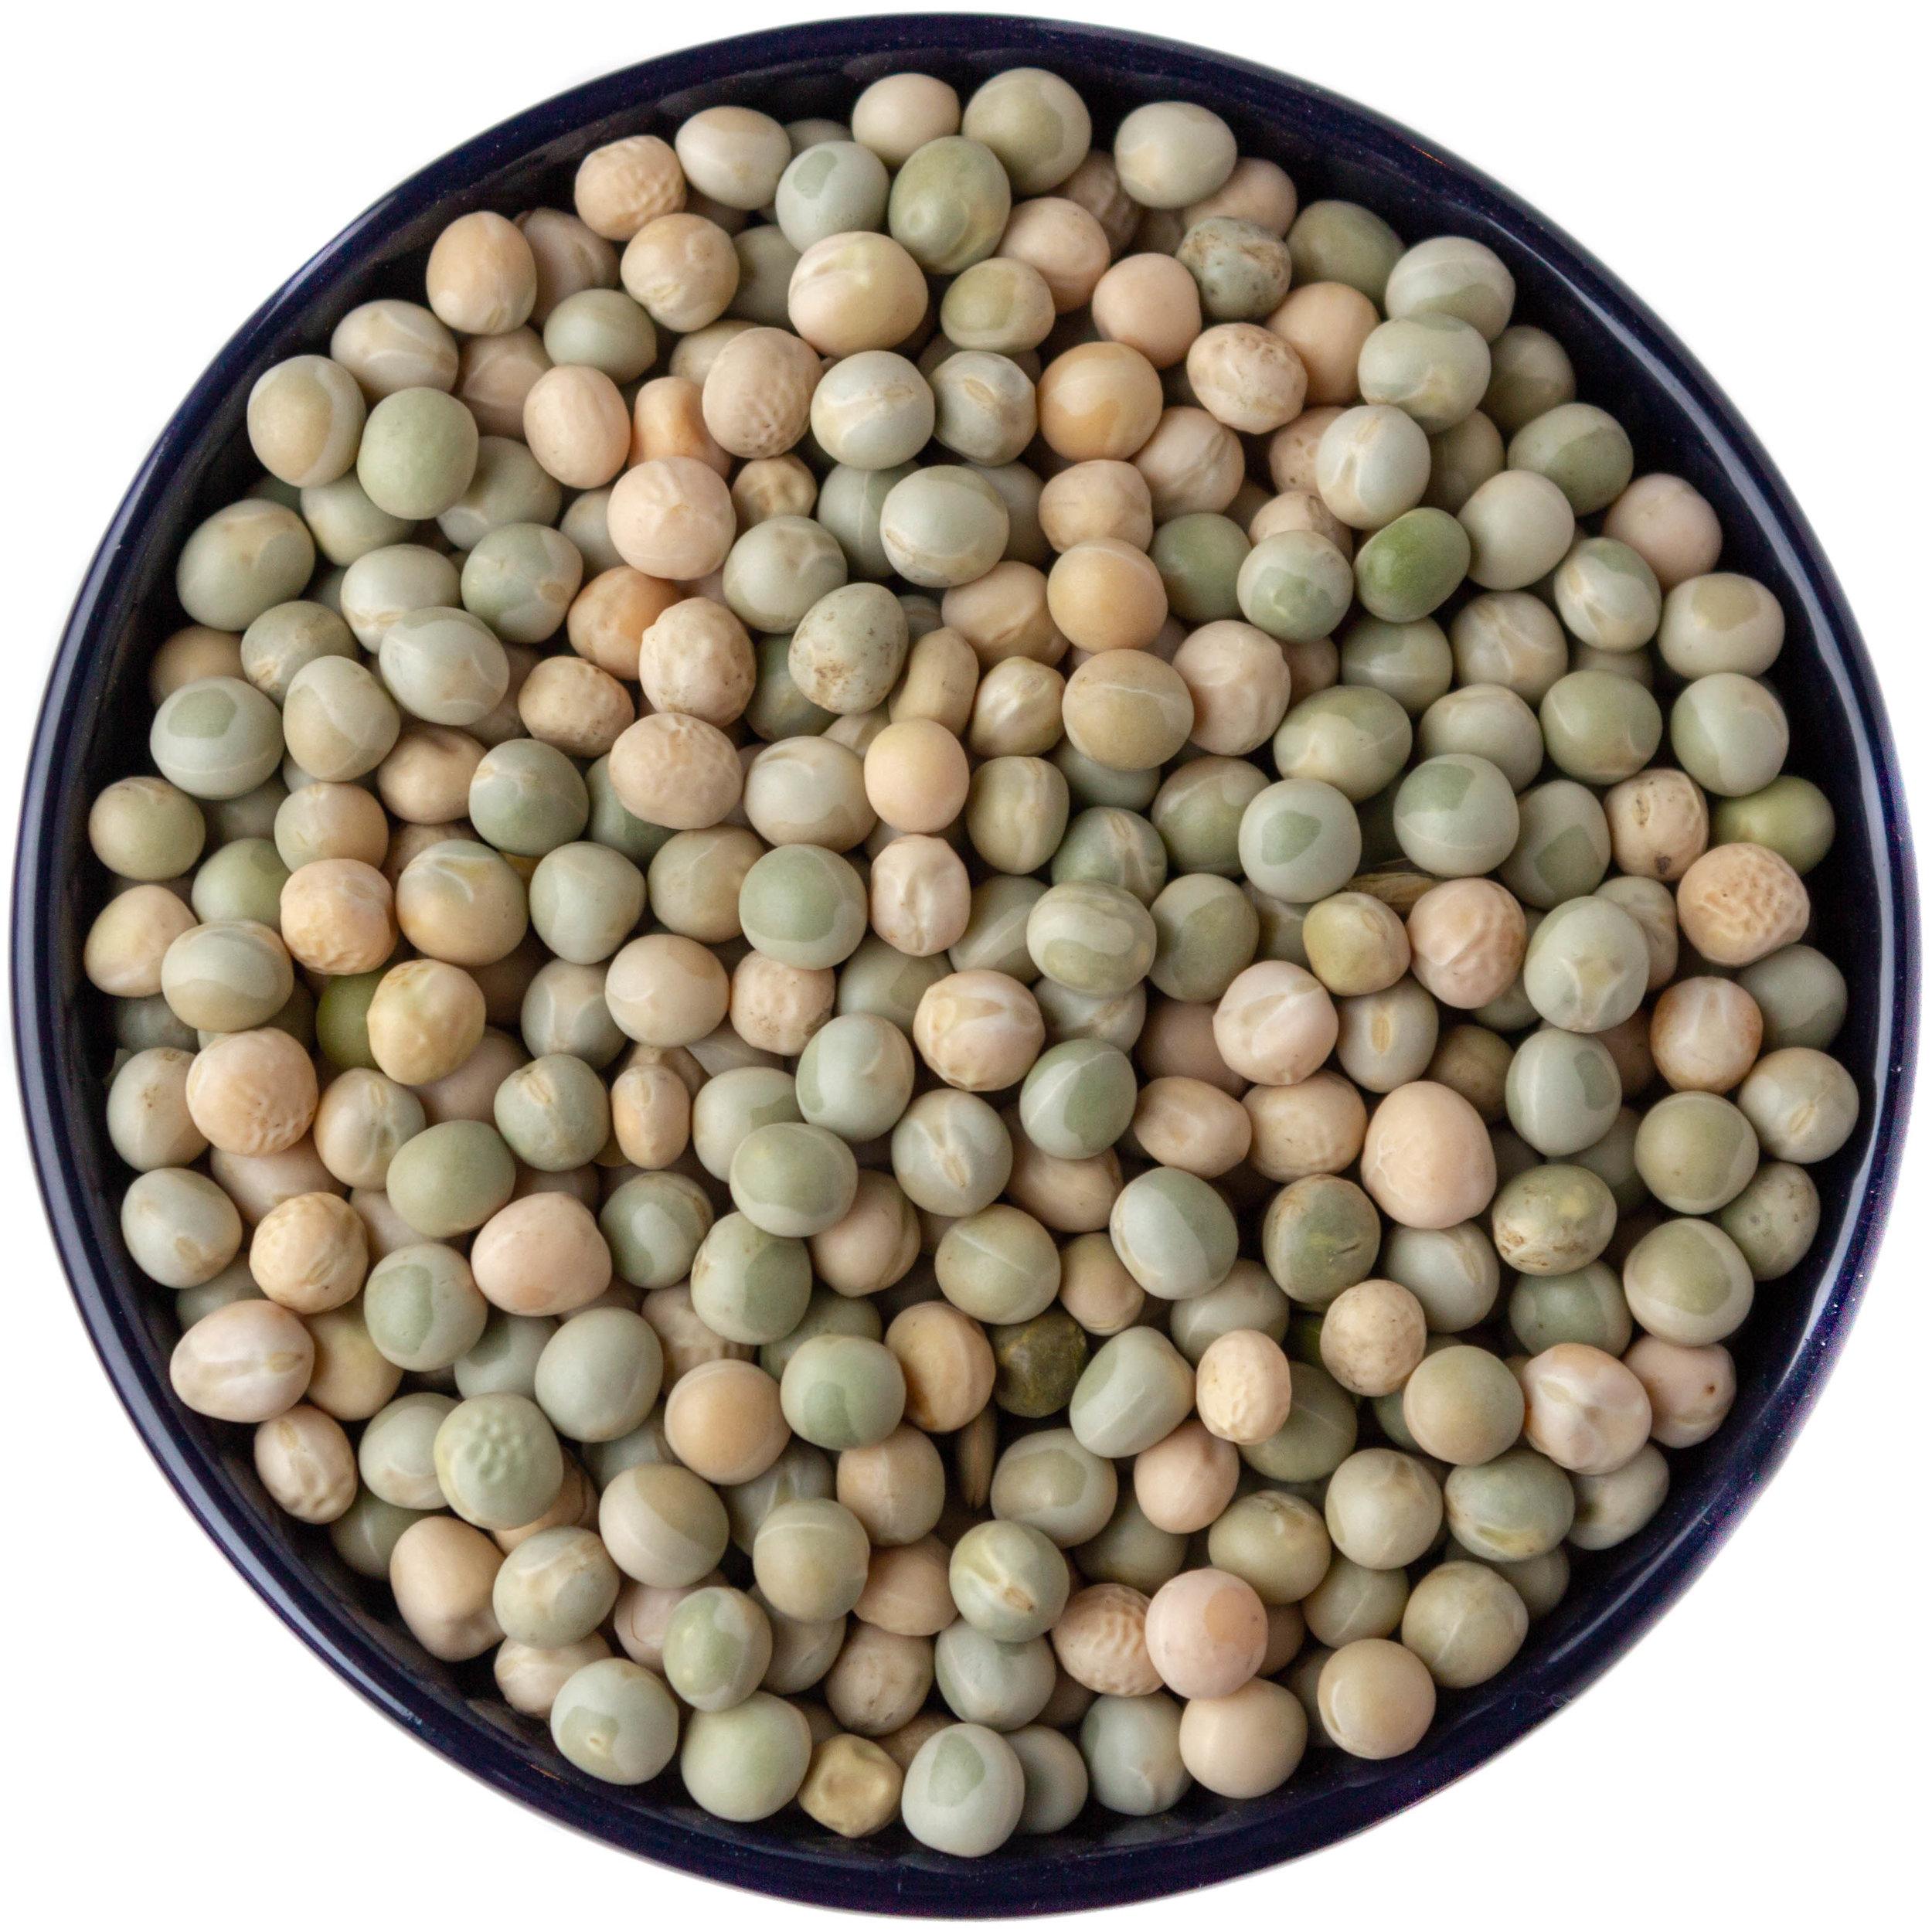 Feed Peas